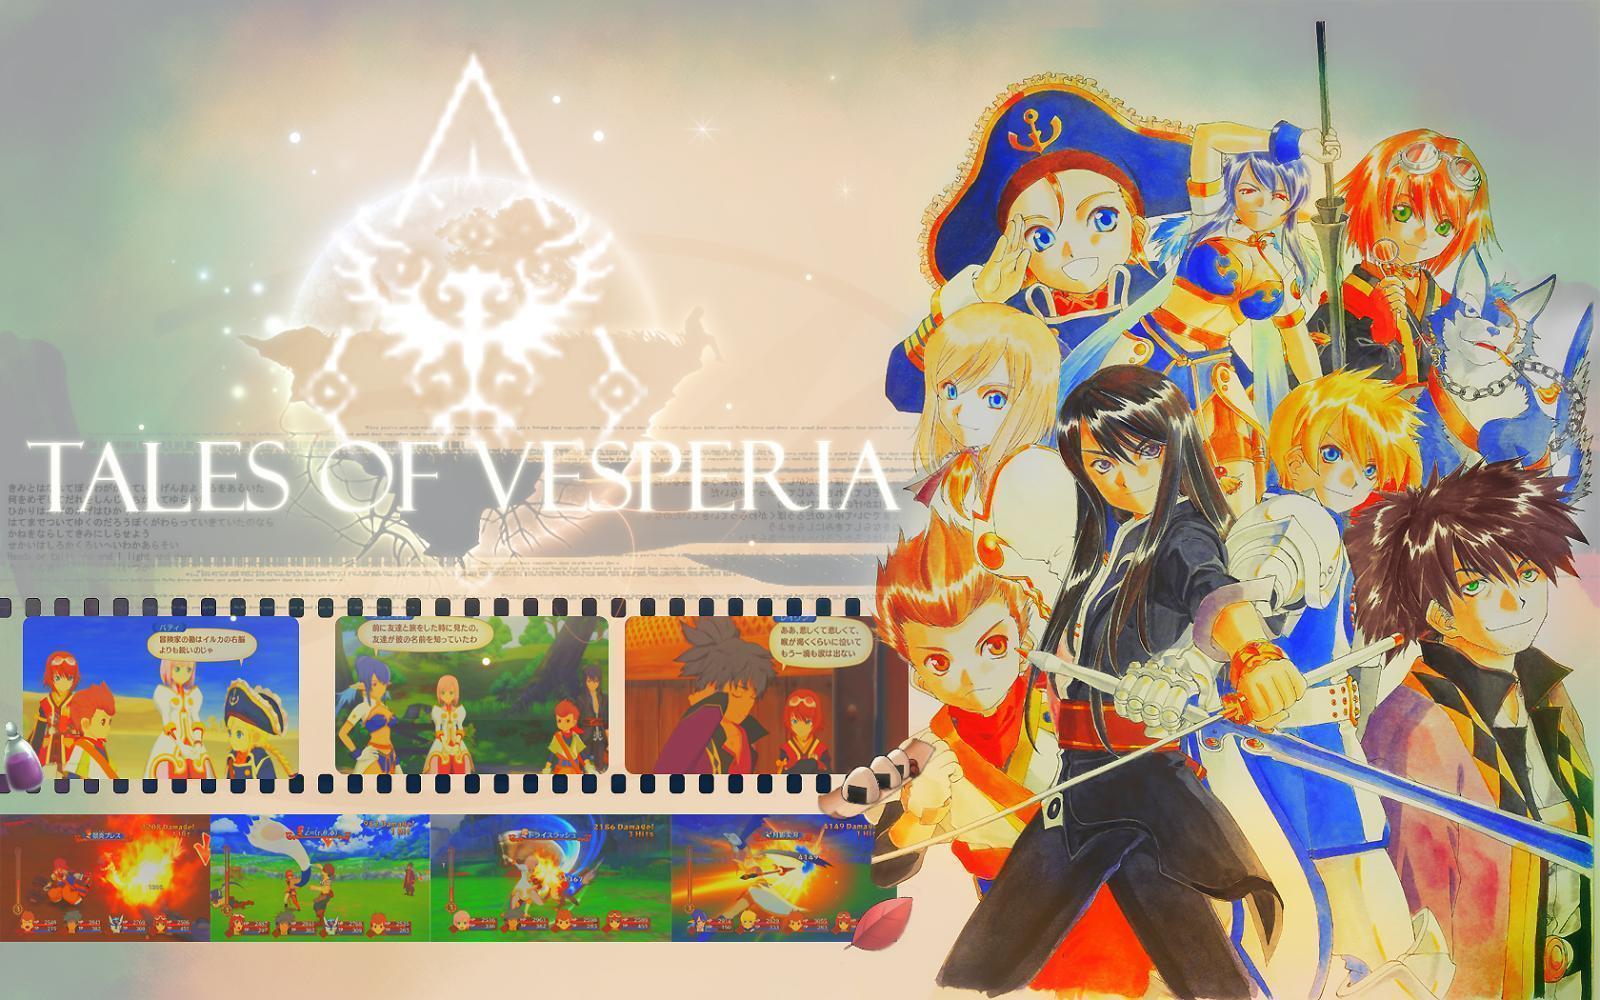 Tales Of Vesperia Wallpapers - Wallpaper Cave